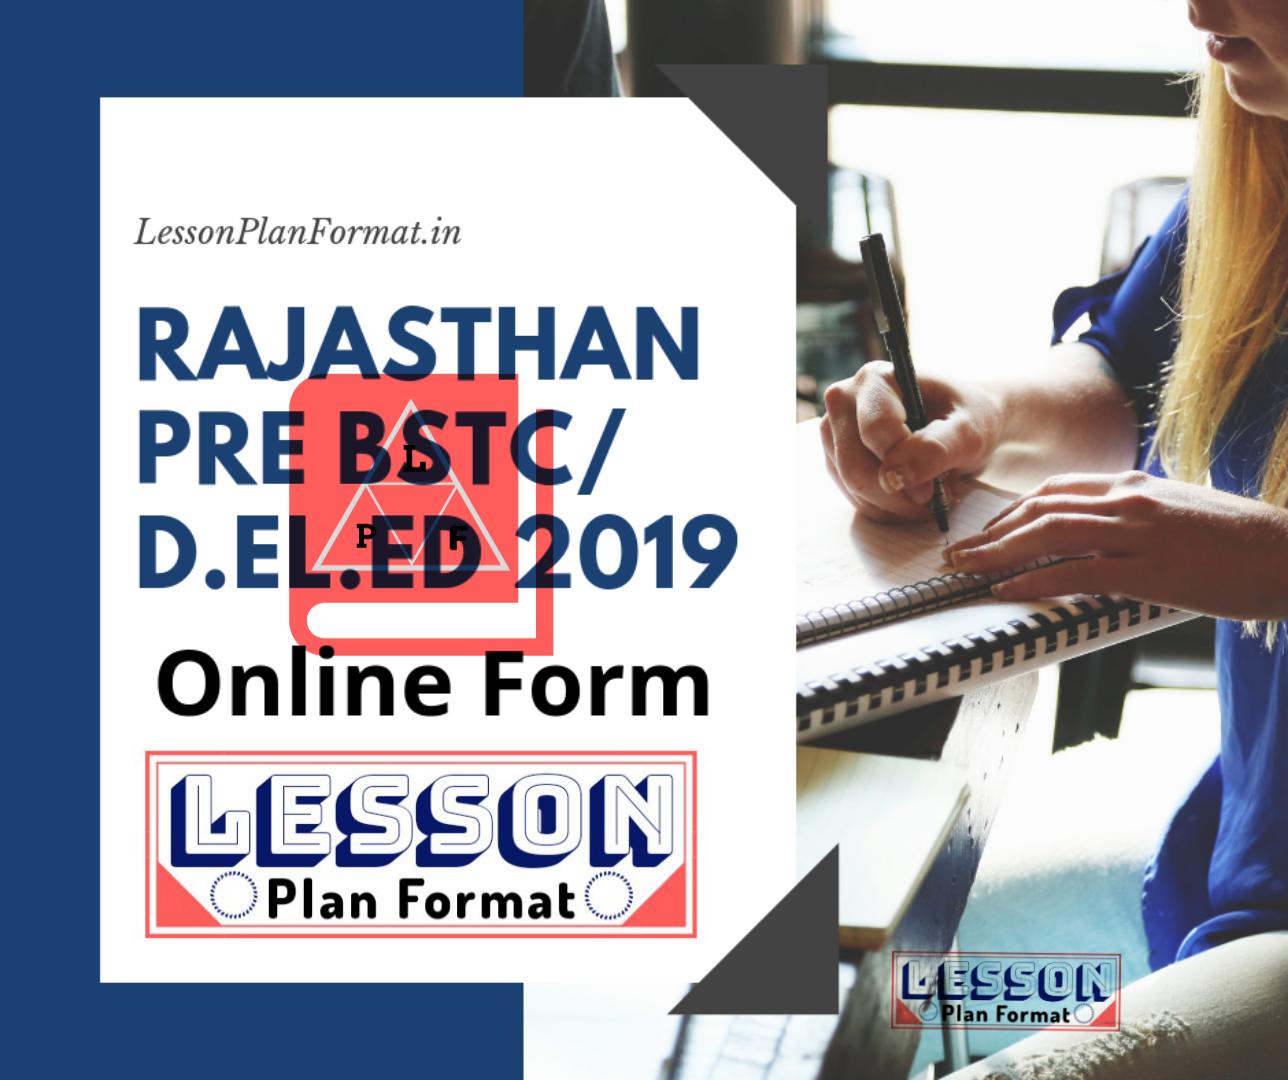 Rajasthan Pre BSTC 2019